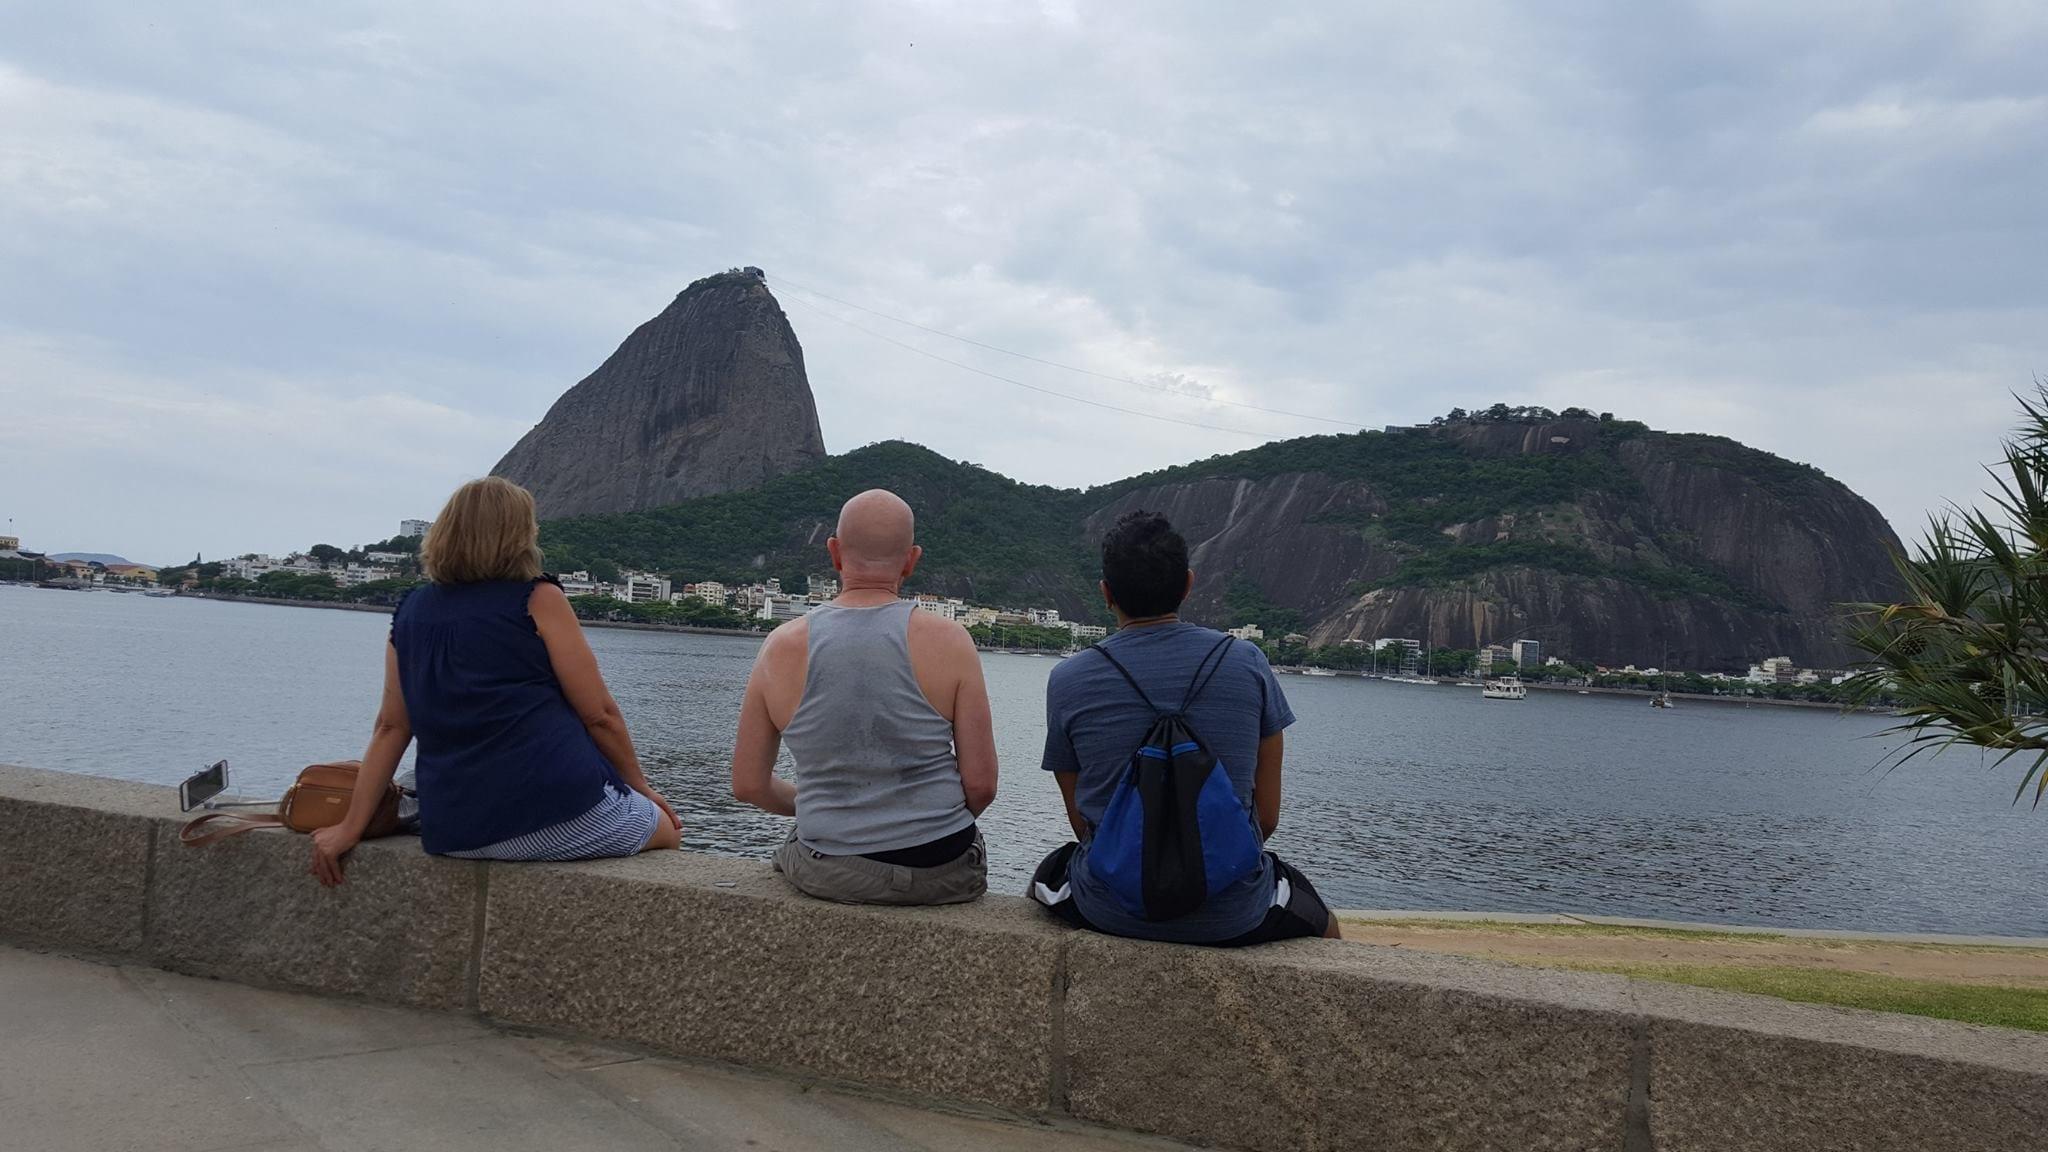 Aprecie a vista! Aprecie a vida! Pão de Açúcar view from Botafogo beach.